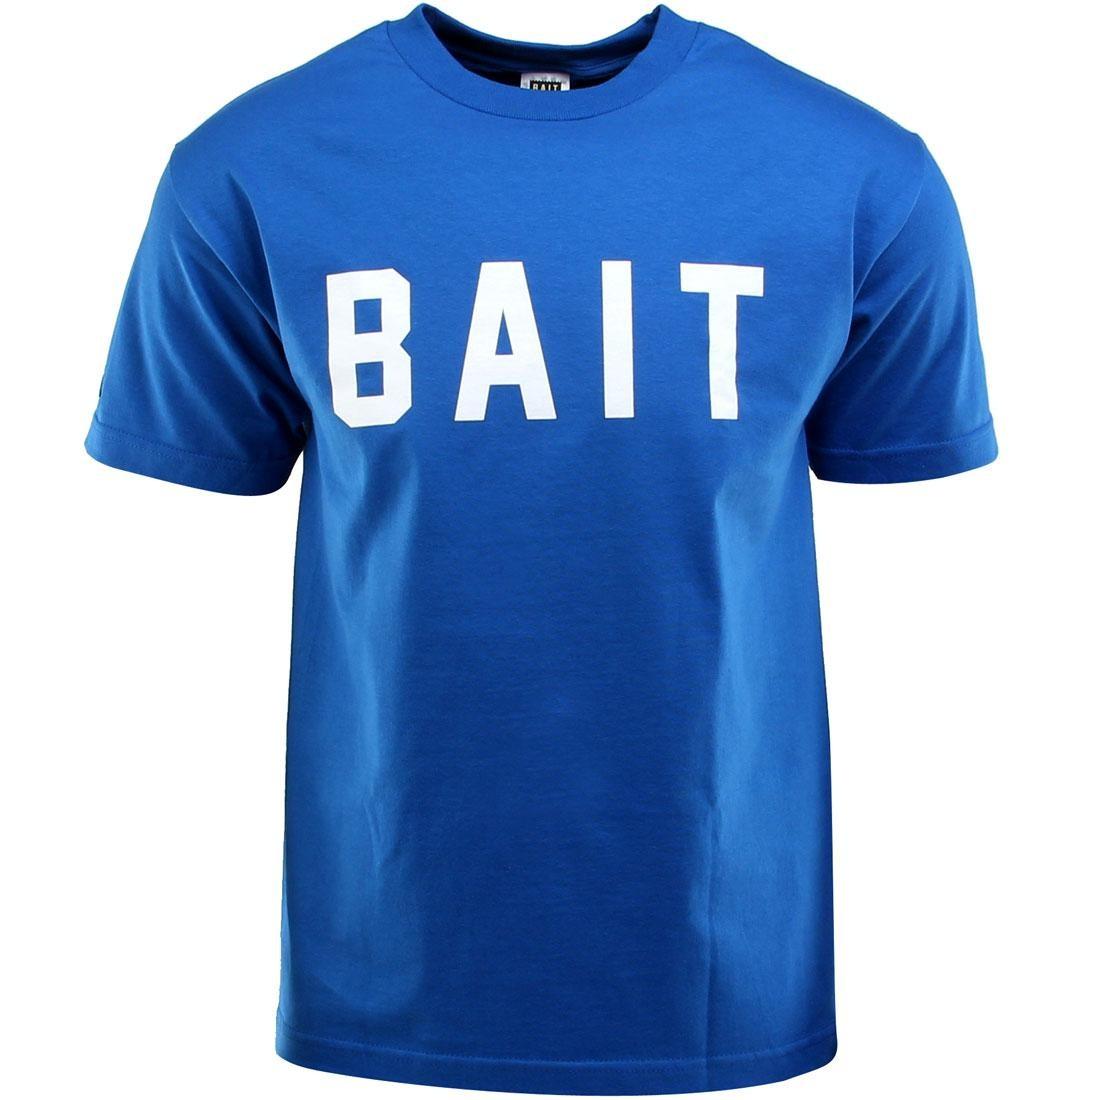 ベイト BAIT ロゴ Tシャツ 青 ブルー メンズファッション トップス カットソー メンズ 【 Logo Tee (blue / Royal Blue / White) 】 Blue / Royal Blue / White